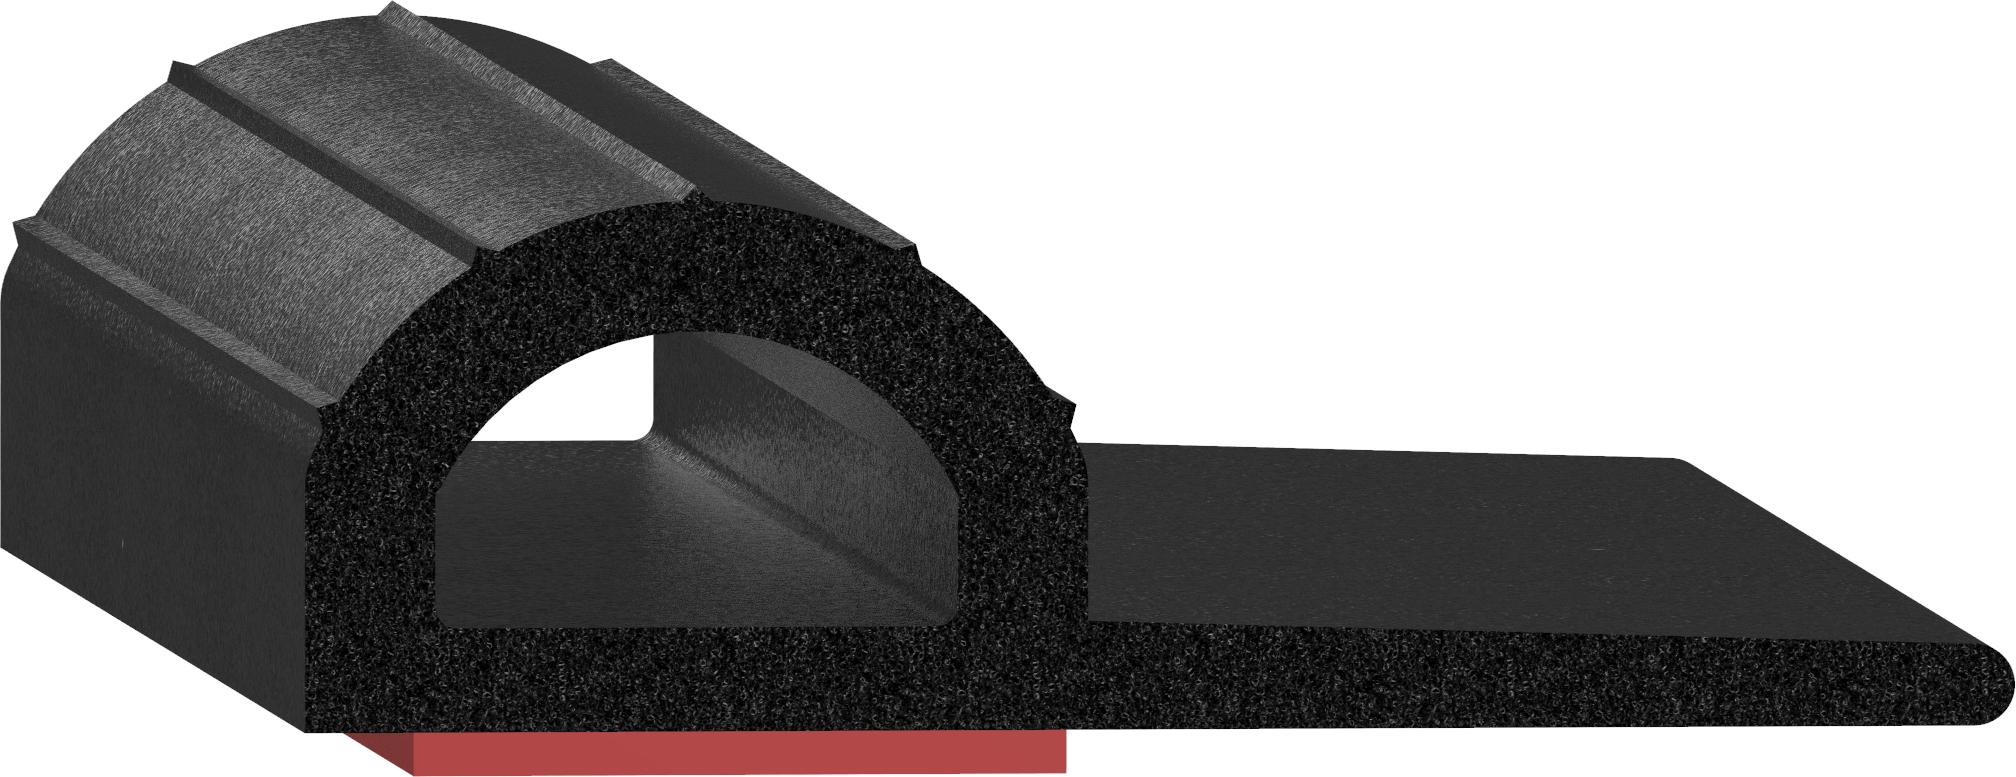 Uni-Grip part: SD-268-T